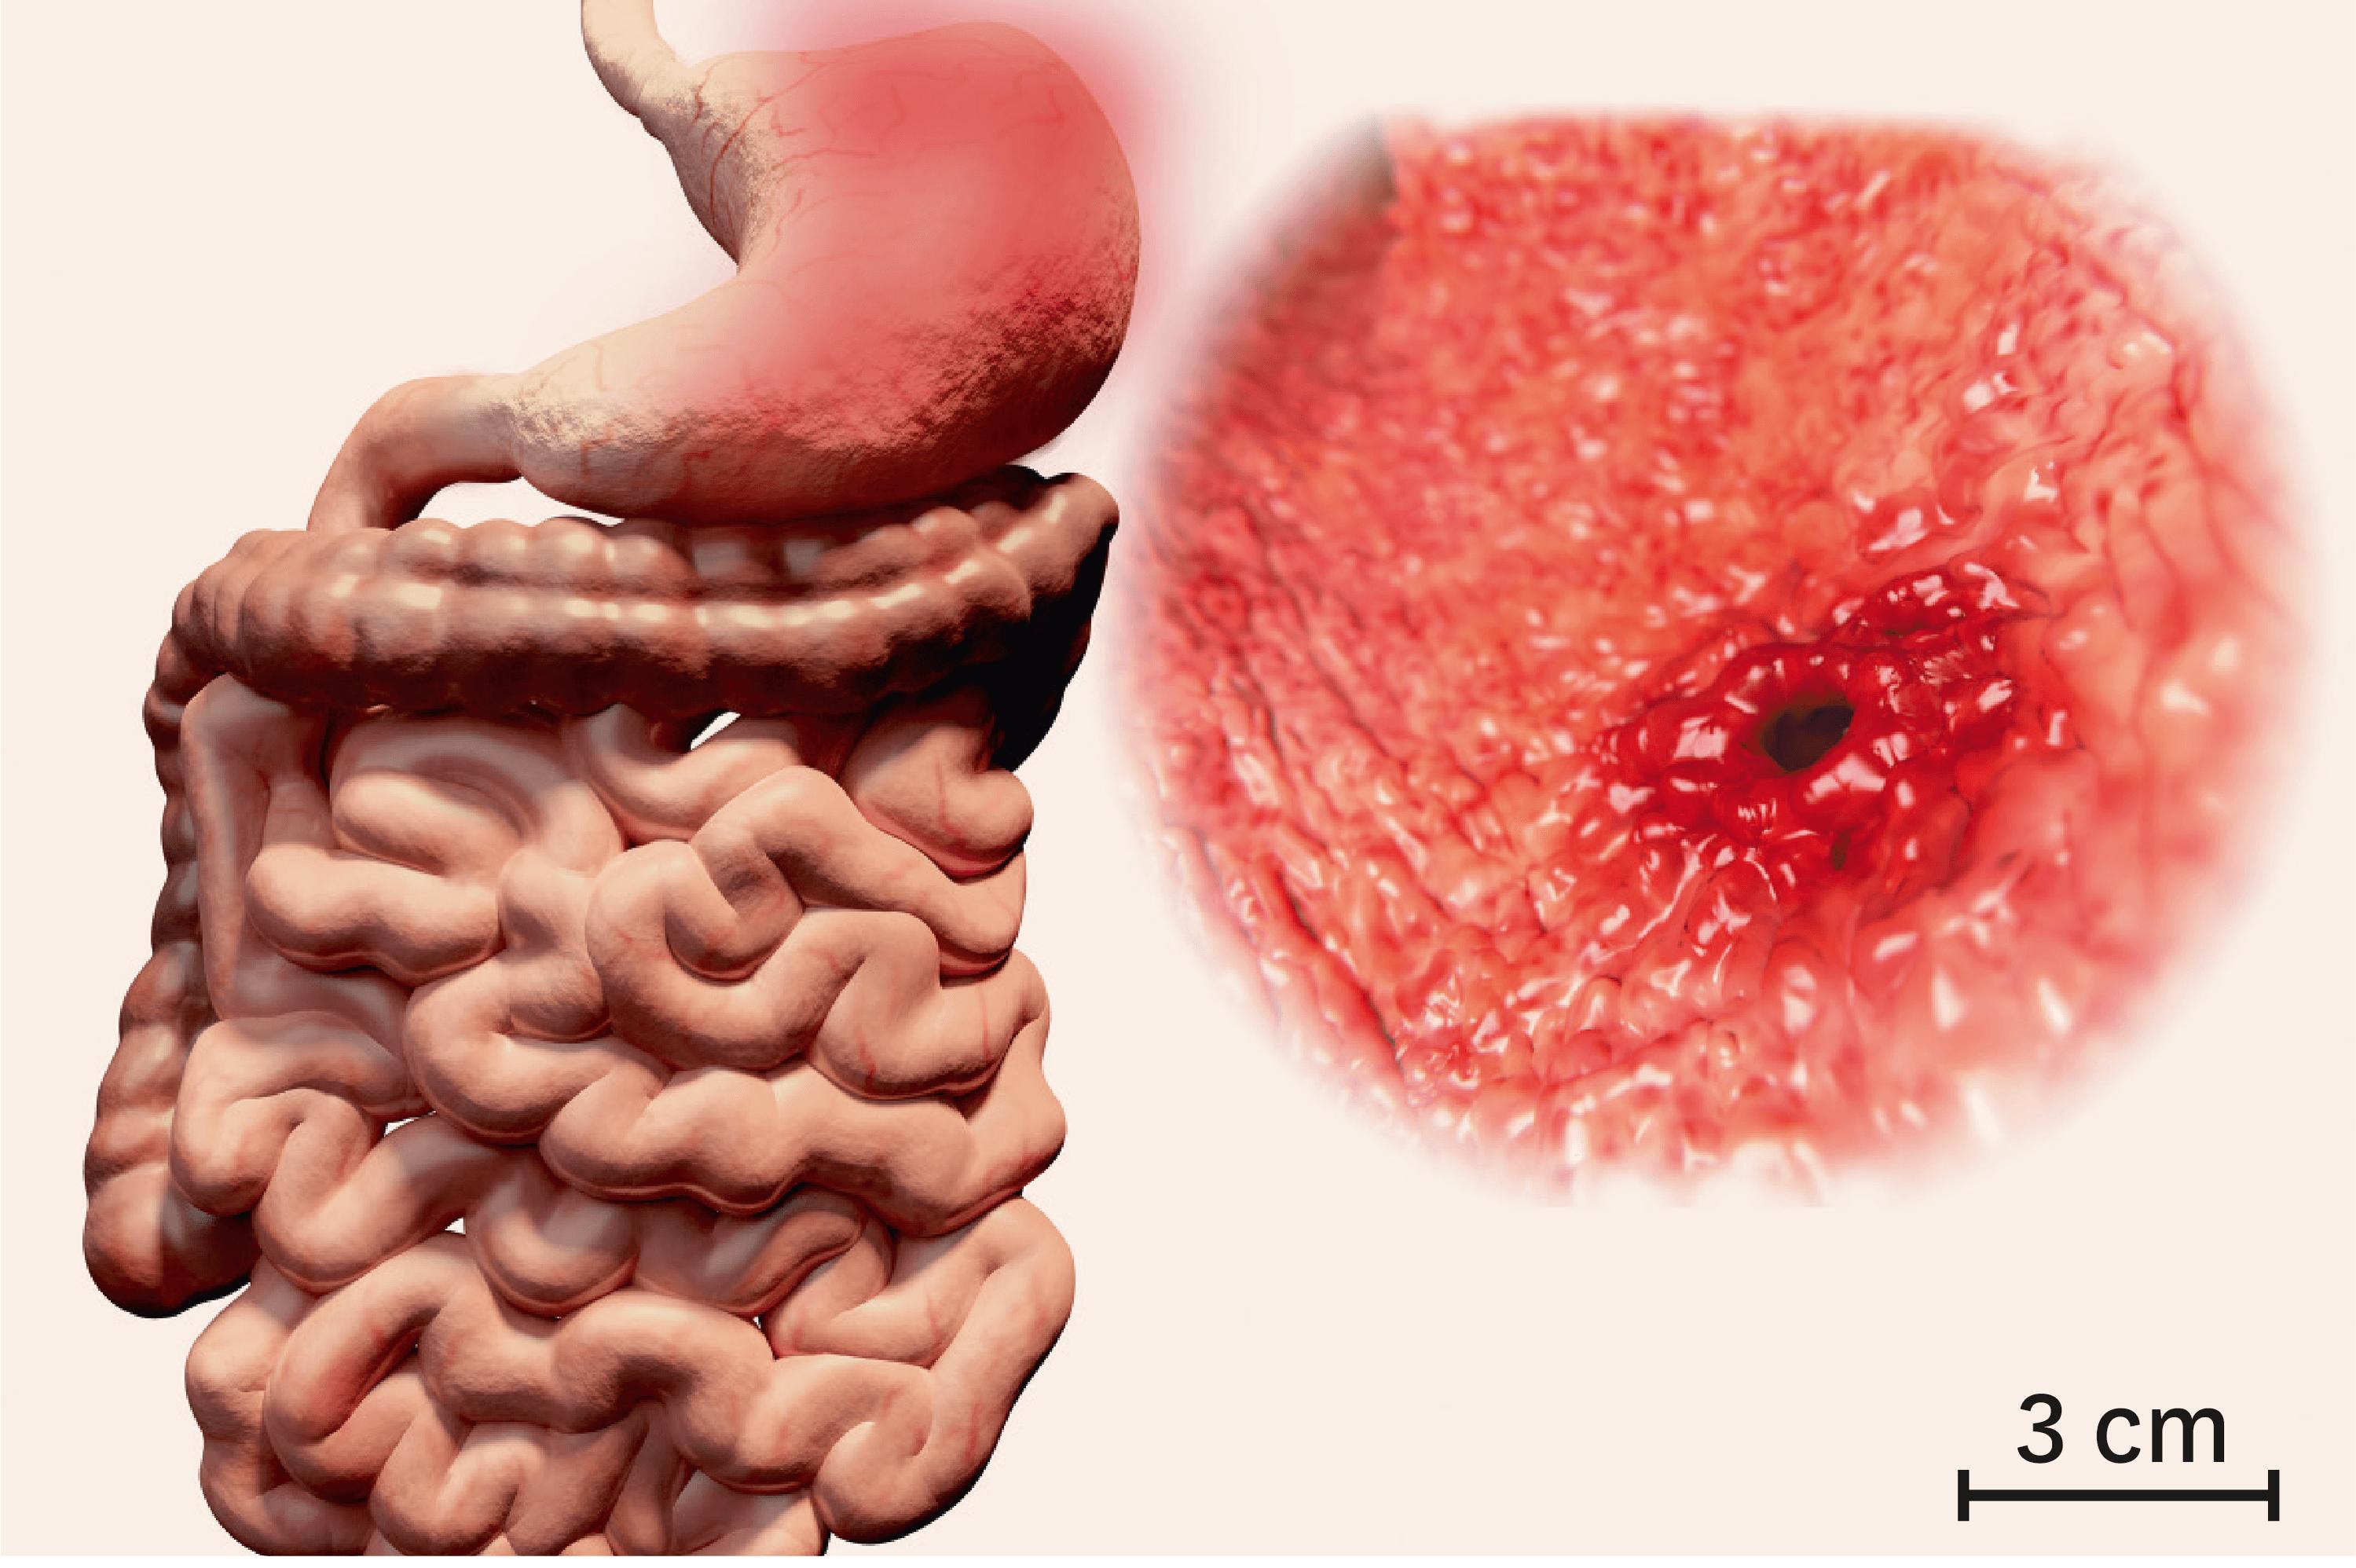 L'ulcère gastrique, une destruction de la muqueuse de l'estomac.